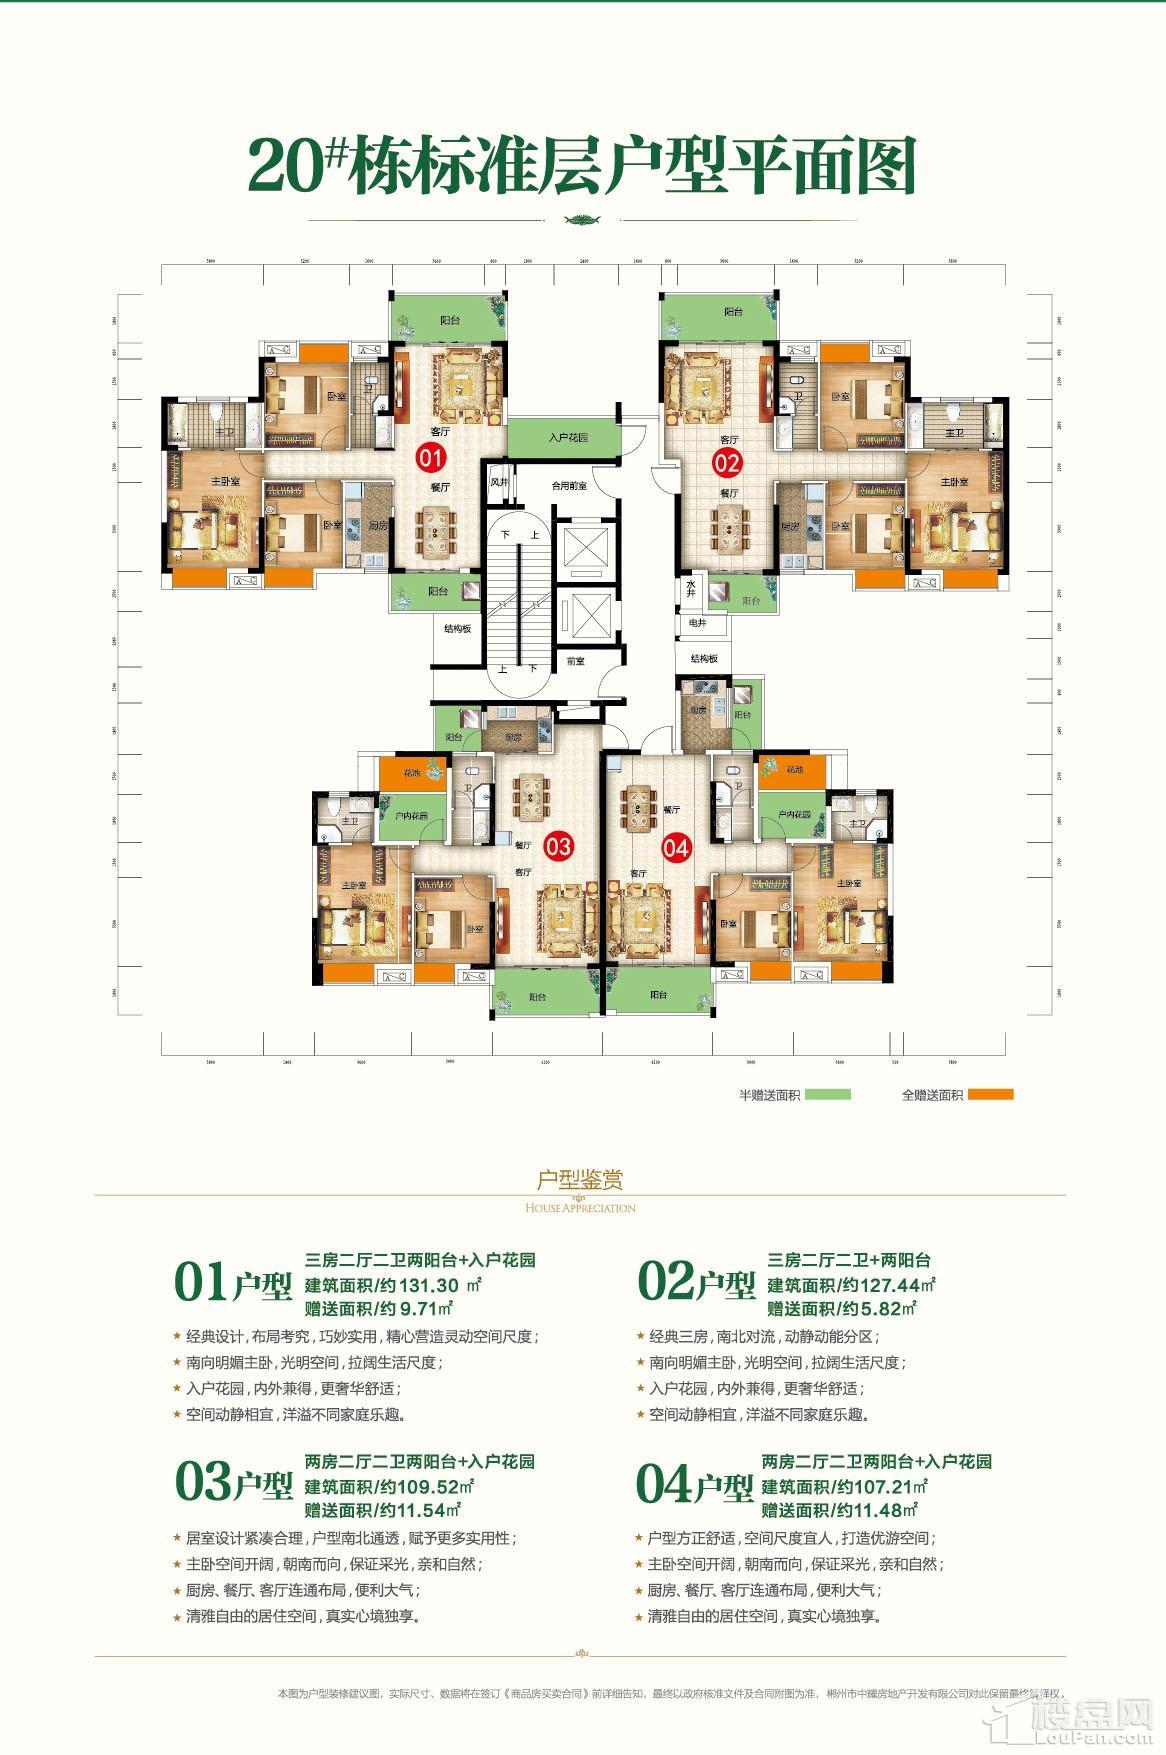 福泽山庄20栋户型图